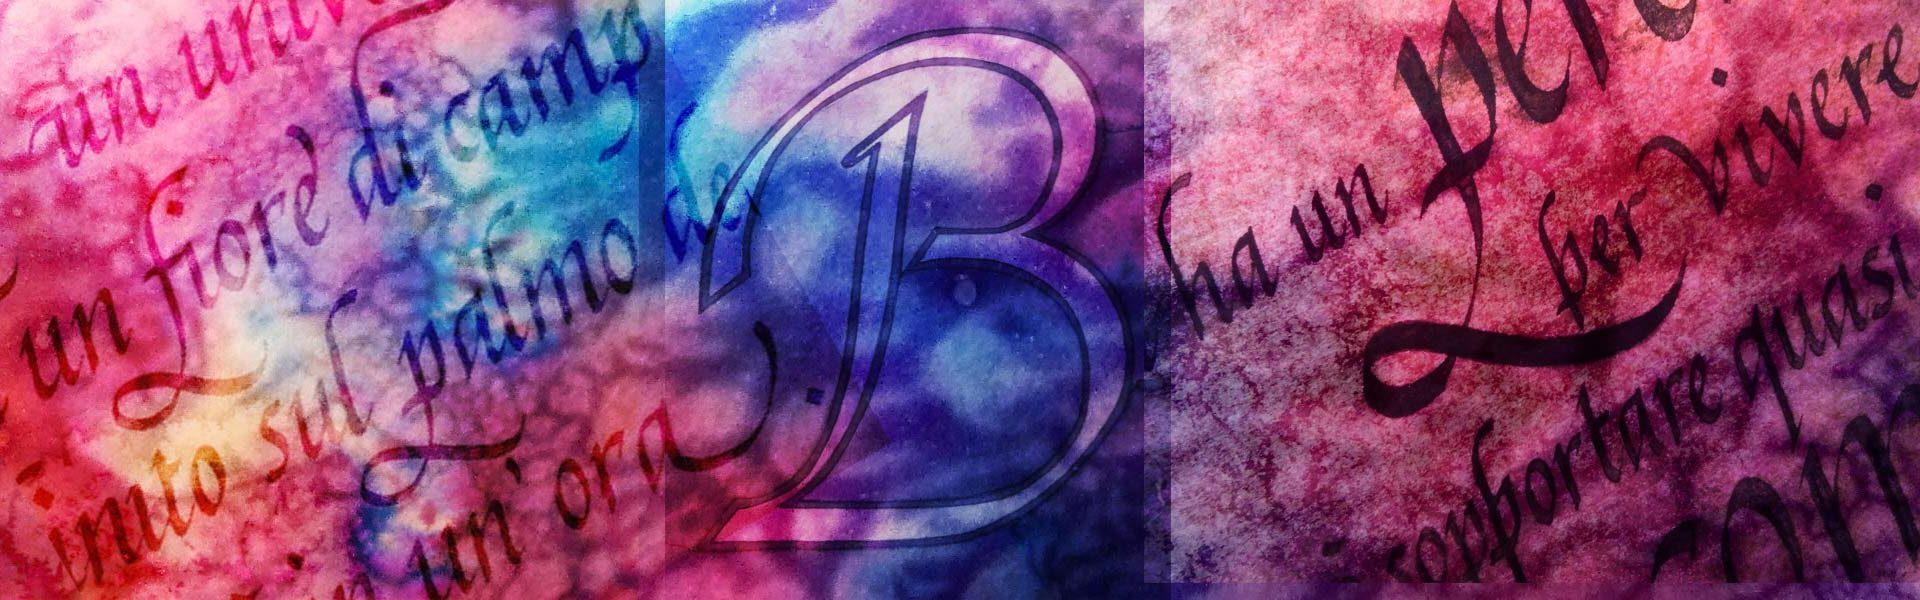 Deianira, calligrafia Cancelleresca